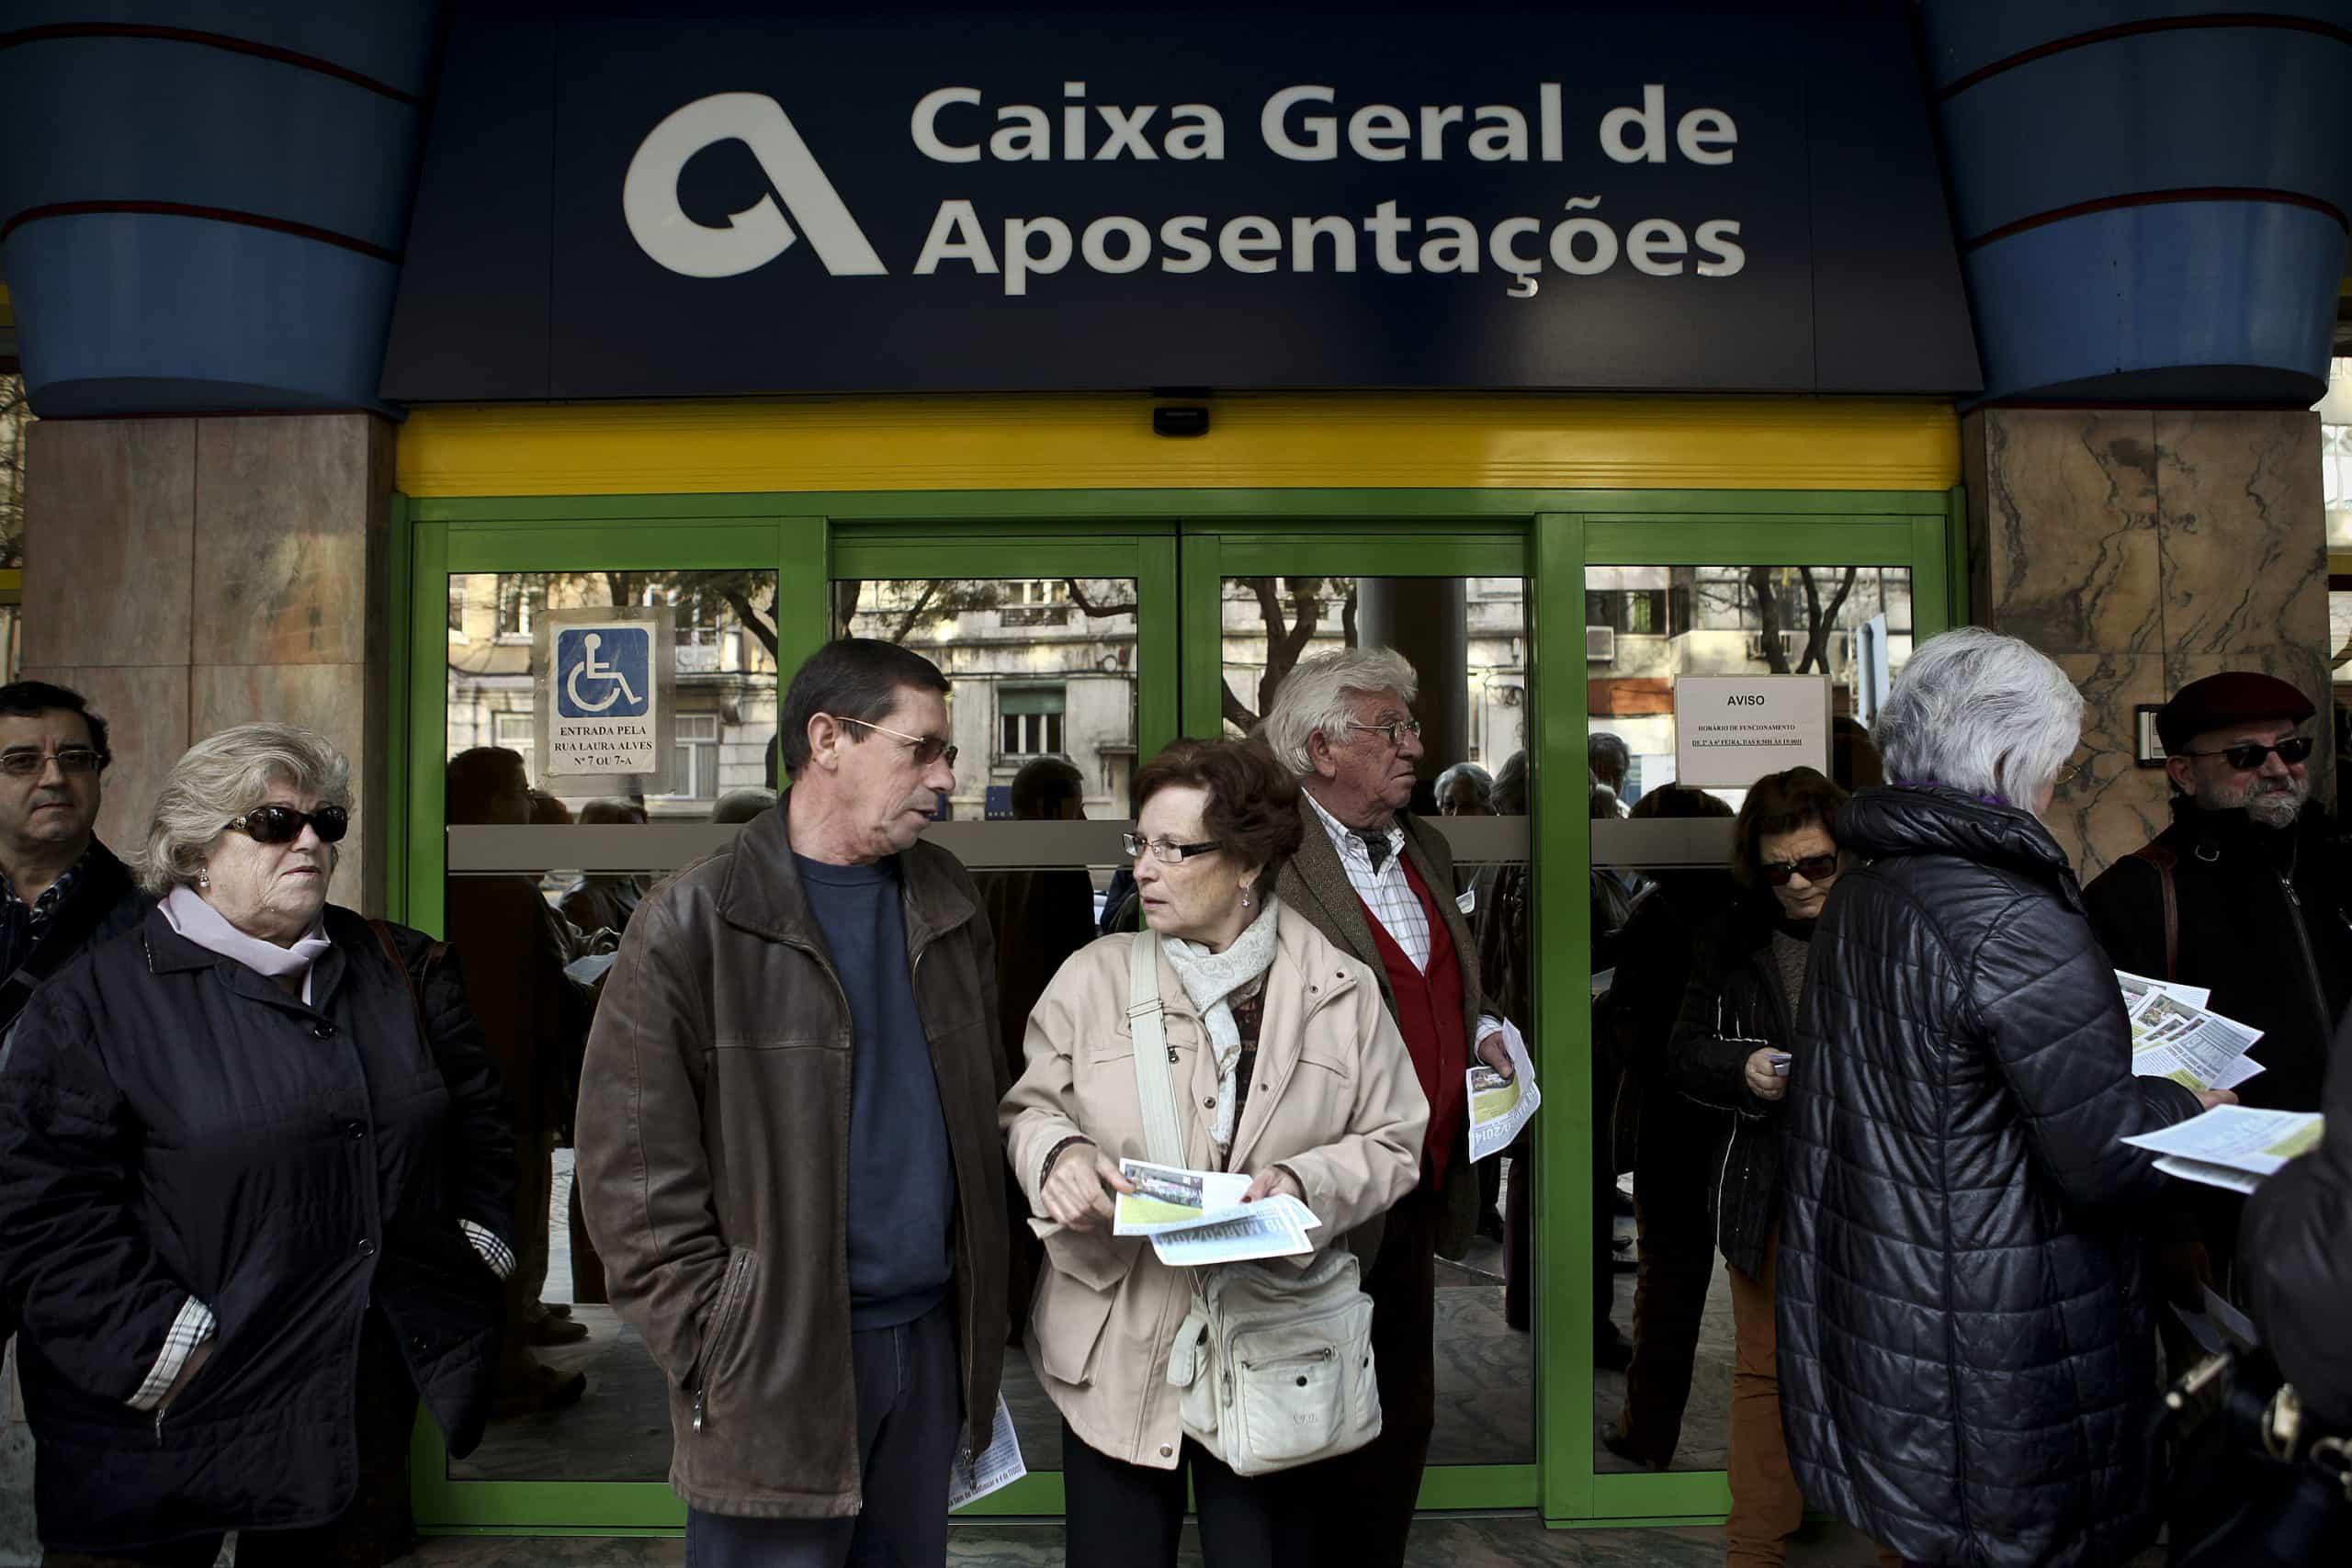 Reformas: PS propõe que se alargue à CGA alívio de penalizações